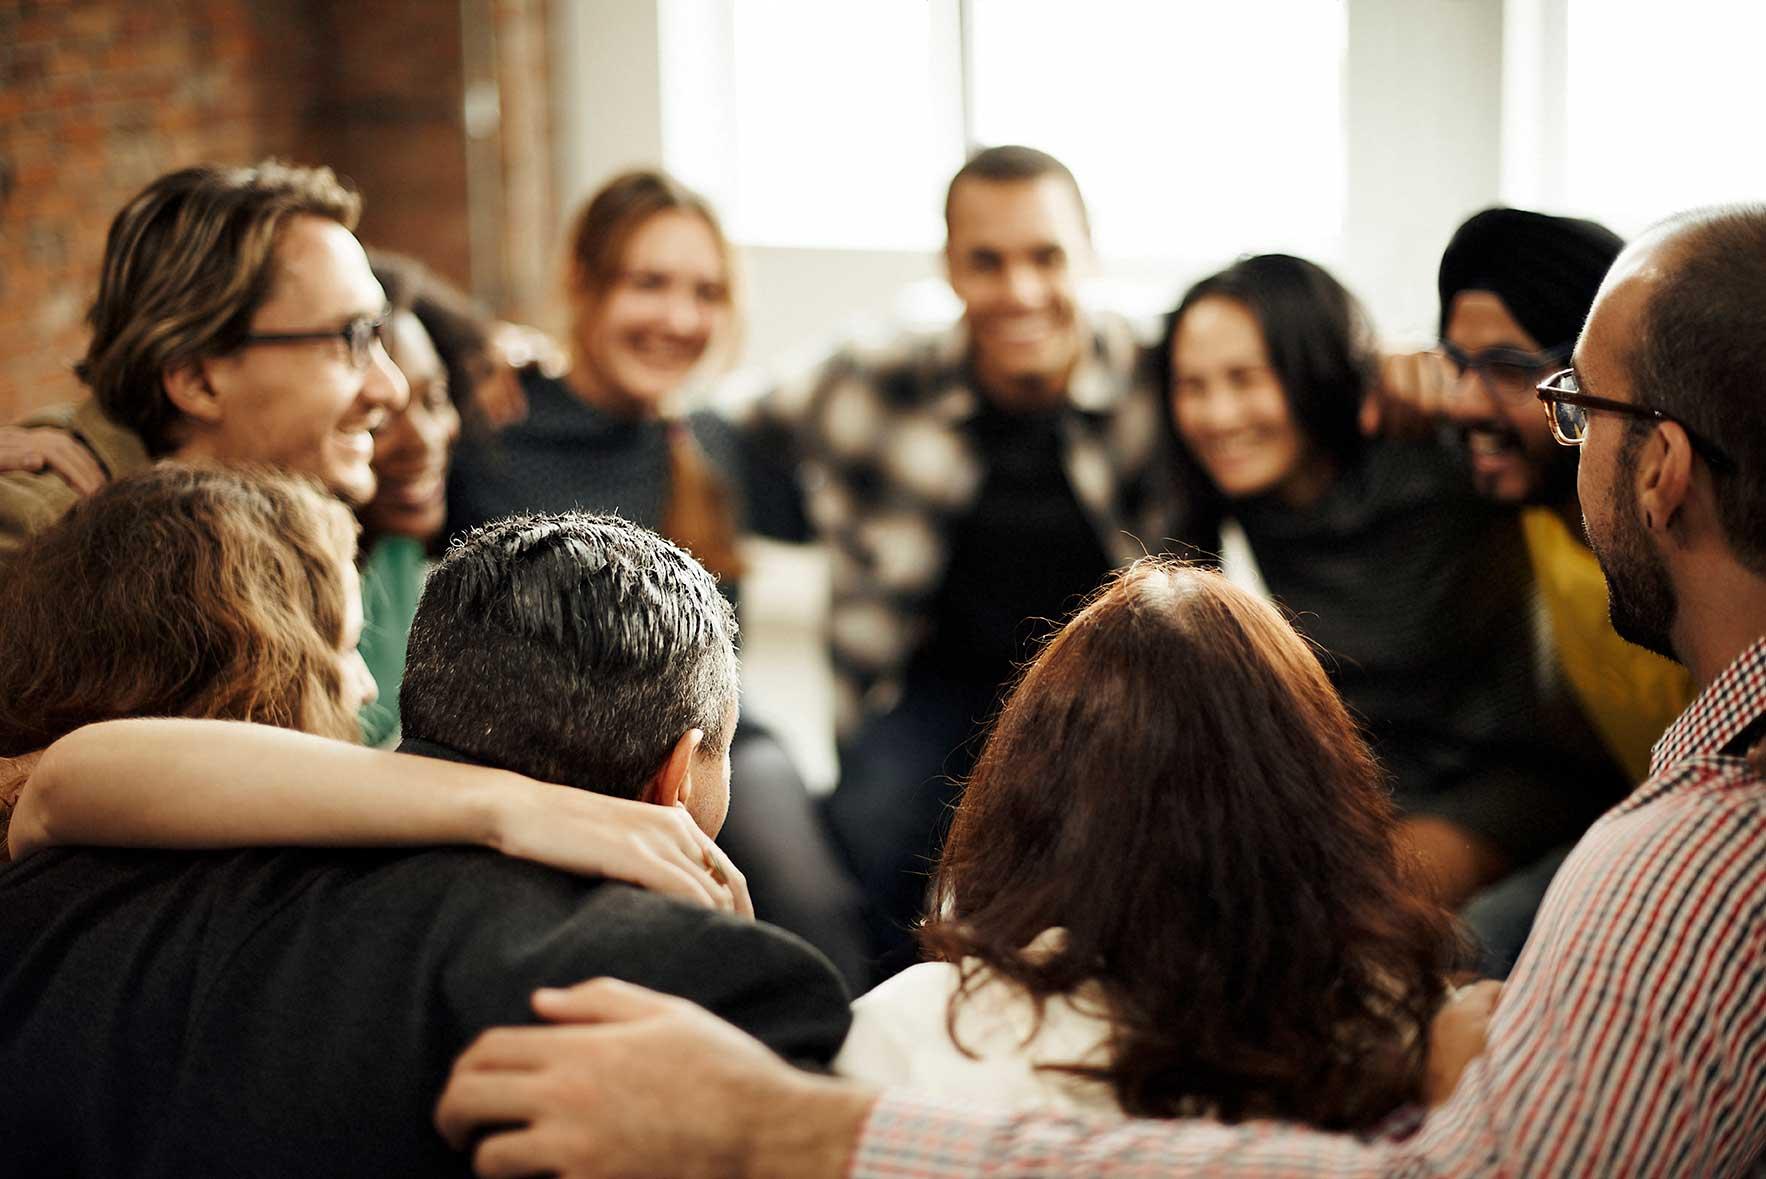 Taller de equipos que trabajan con inteligencia emocional - AEI Business School